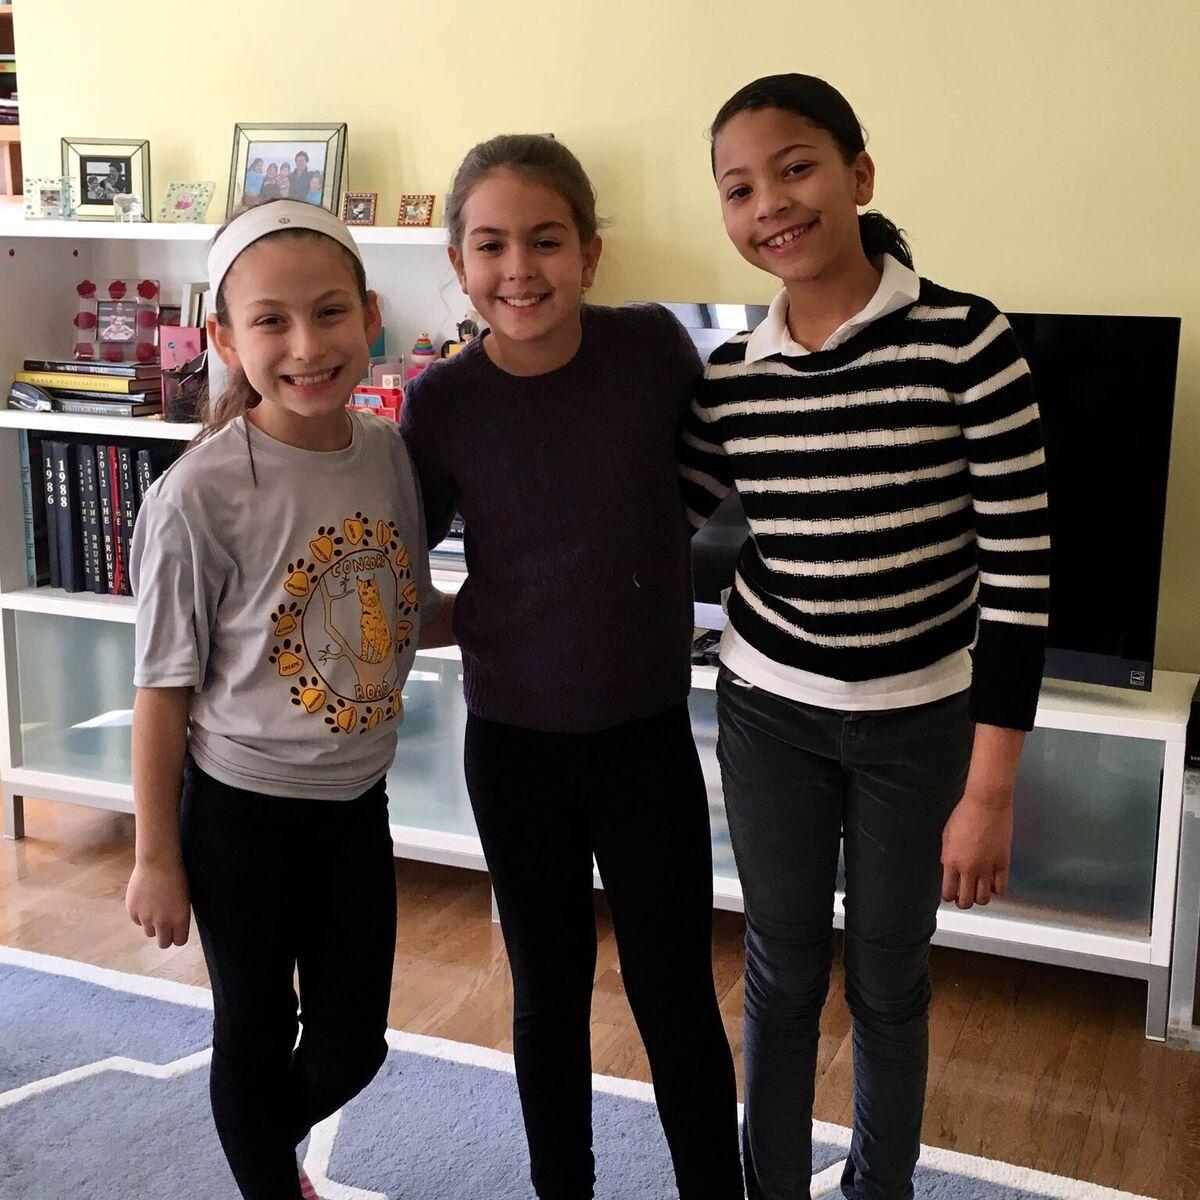 Avery, Emi and Ingrid